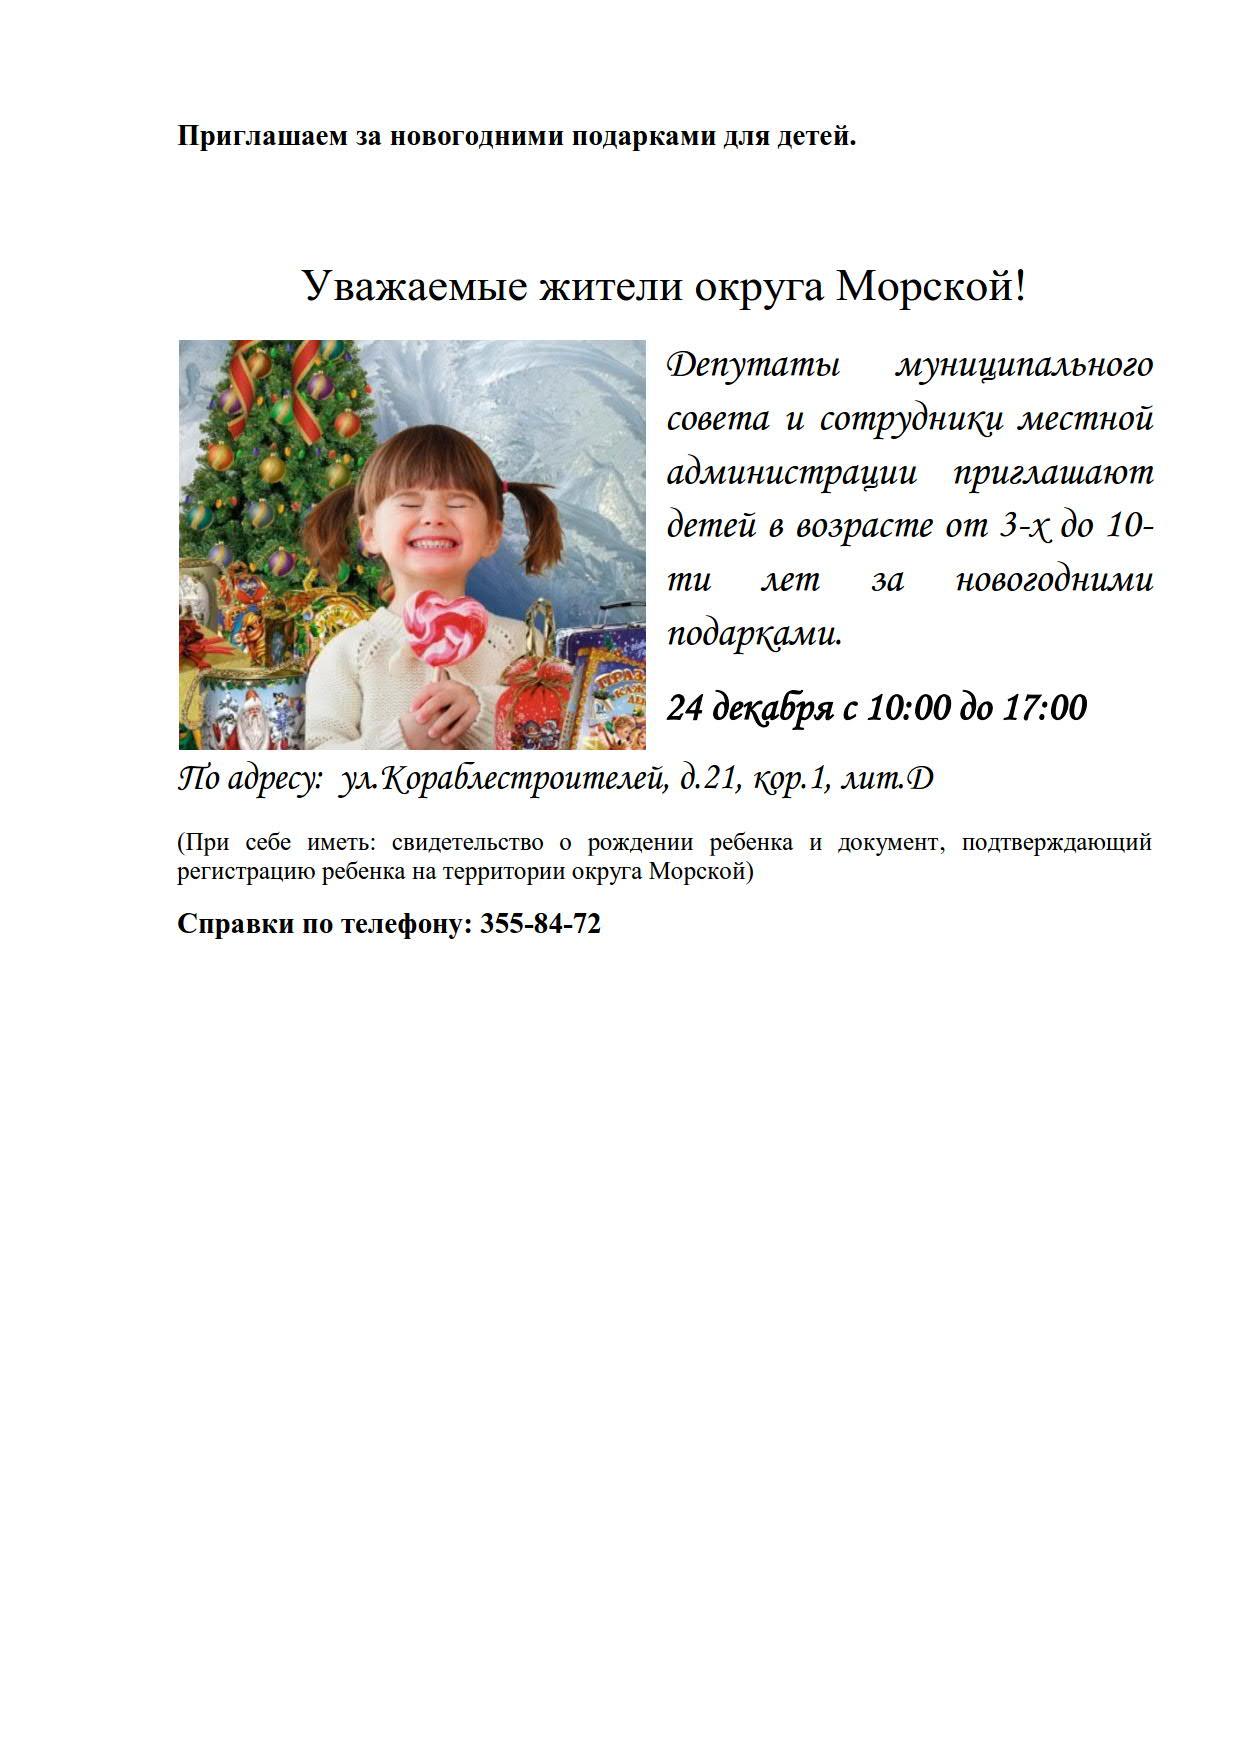 Объявление о выдаче подарков_1